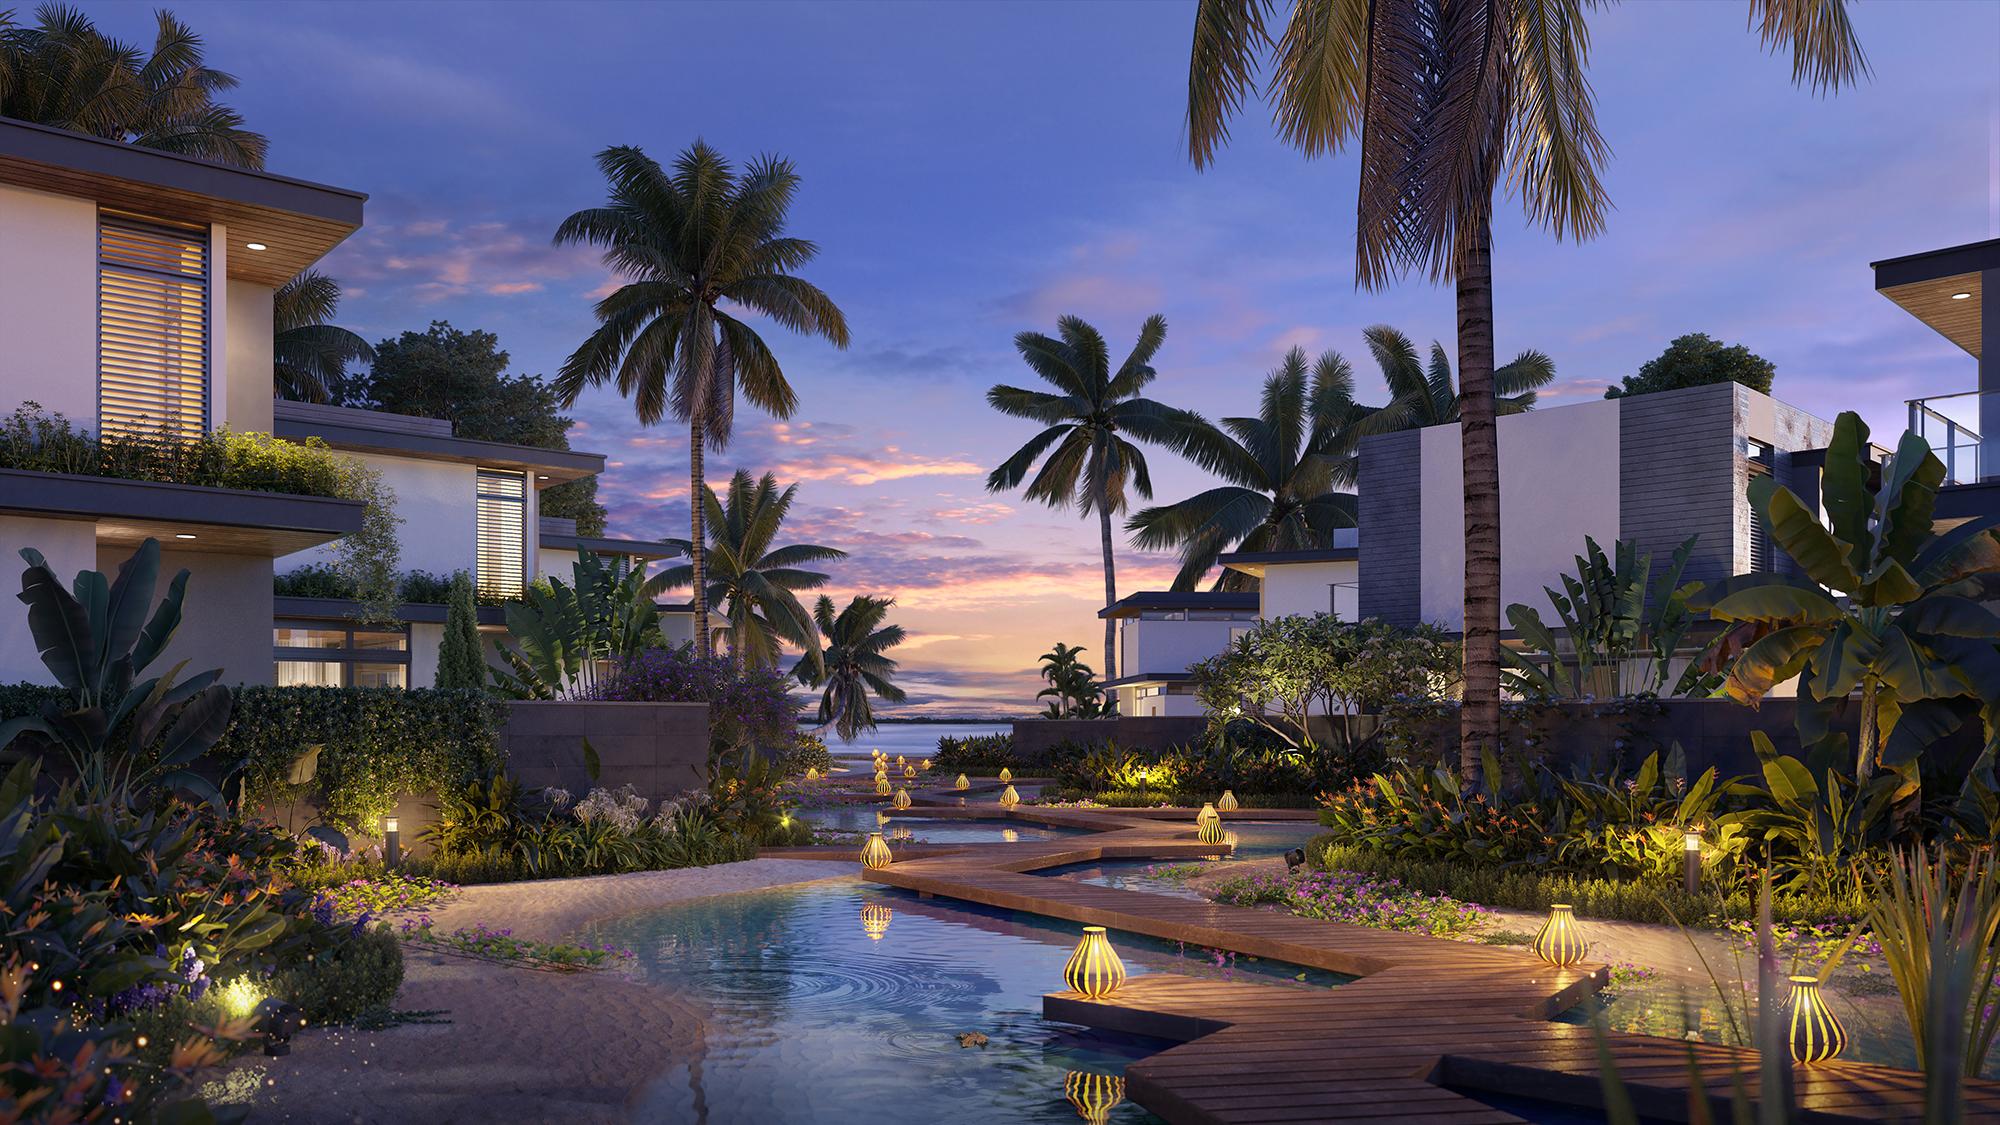 Chủ đầu tư muốn dòng nước chảy liên tục trước mỗi căn biệt thự sẽ mang đại dương đến thềm nhà. Ảnh: IFF Holdings.